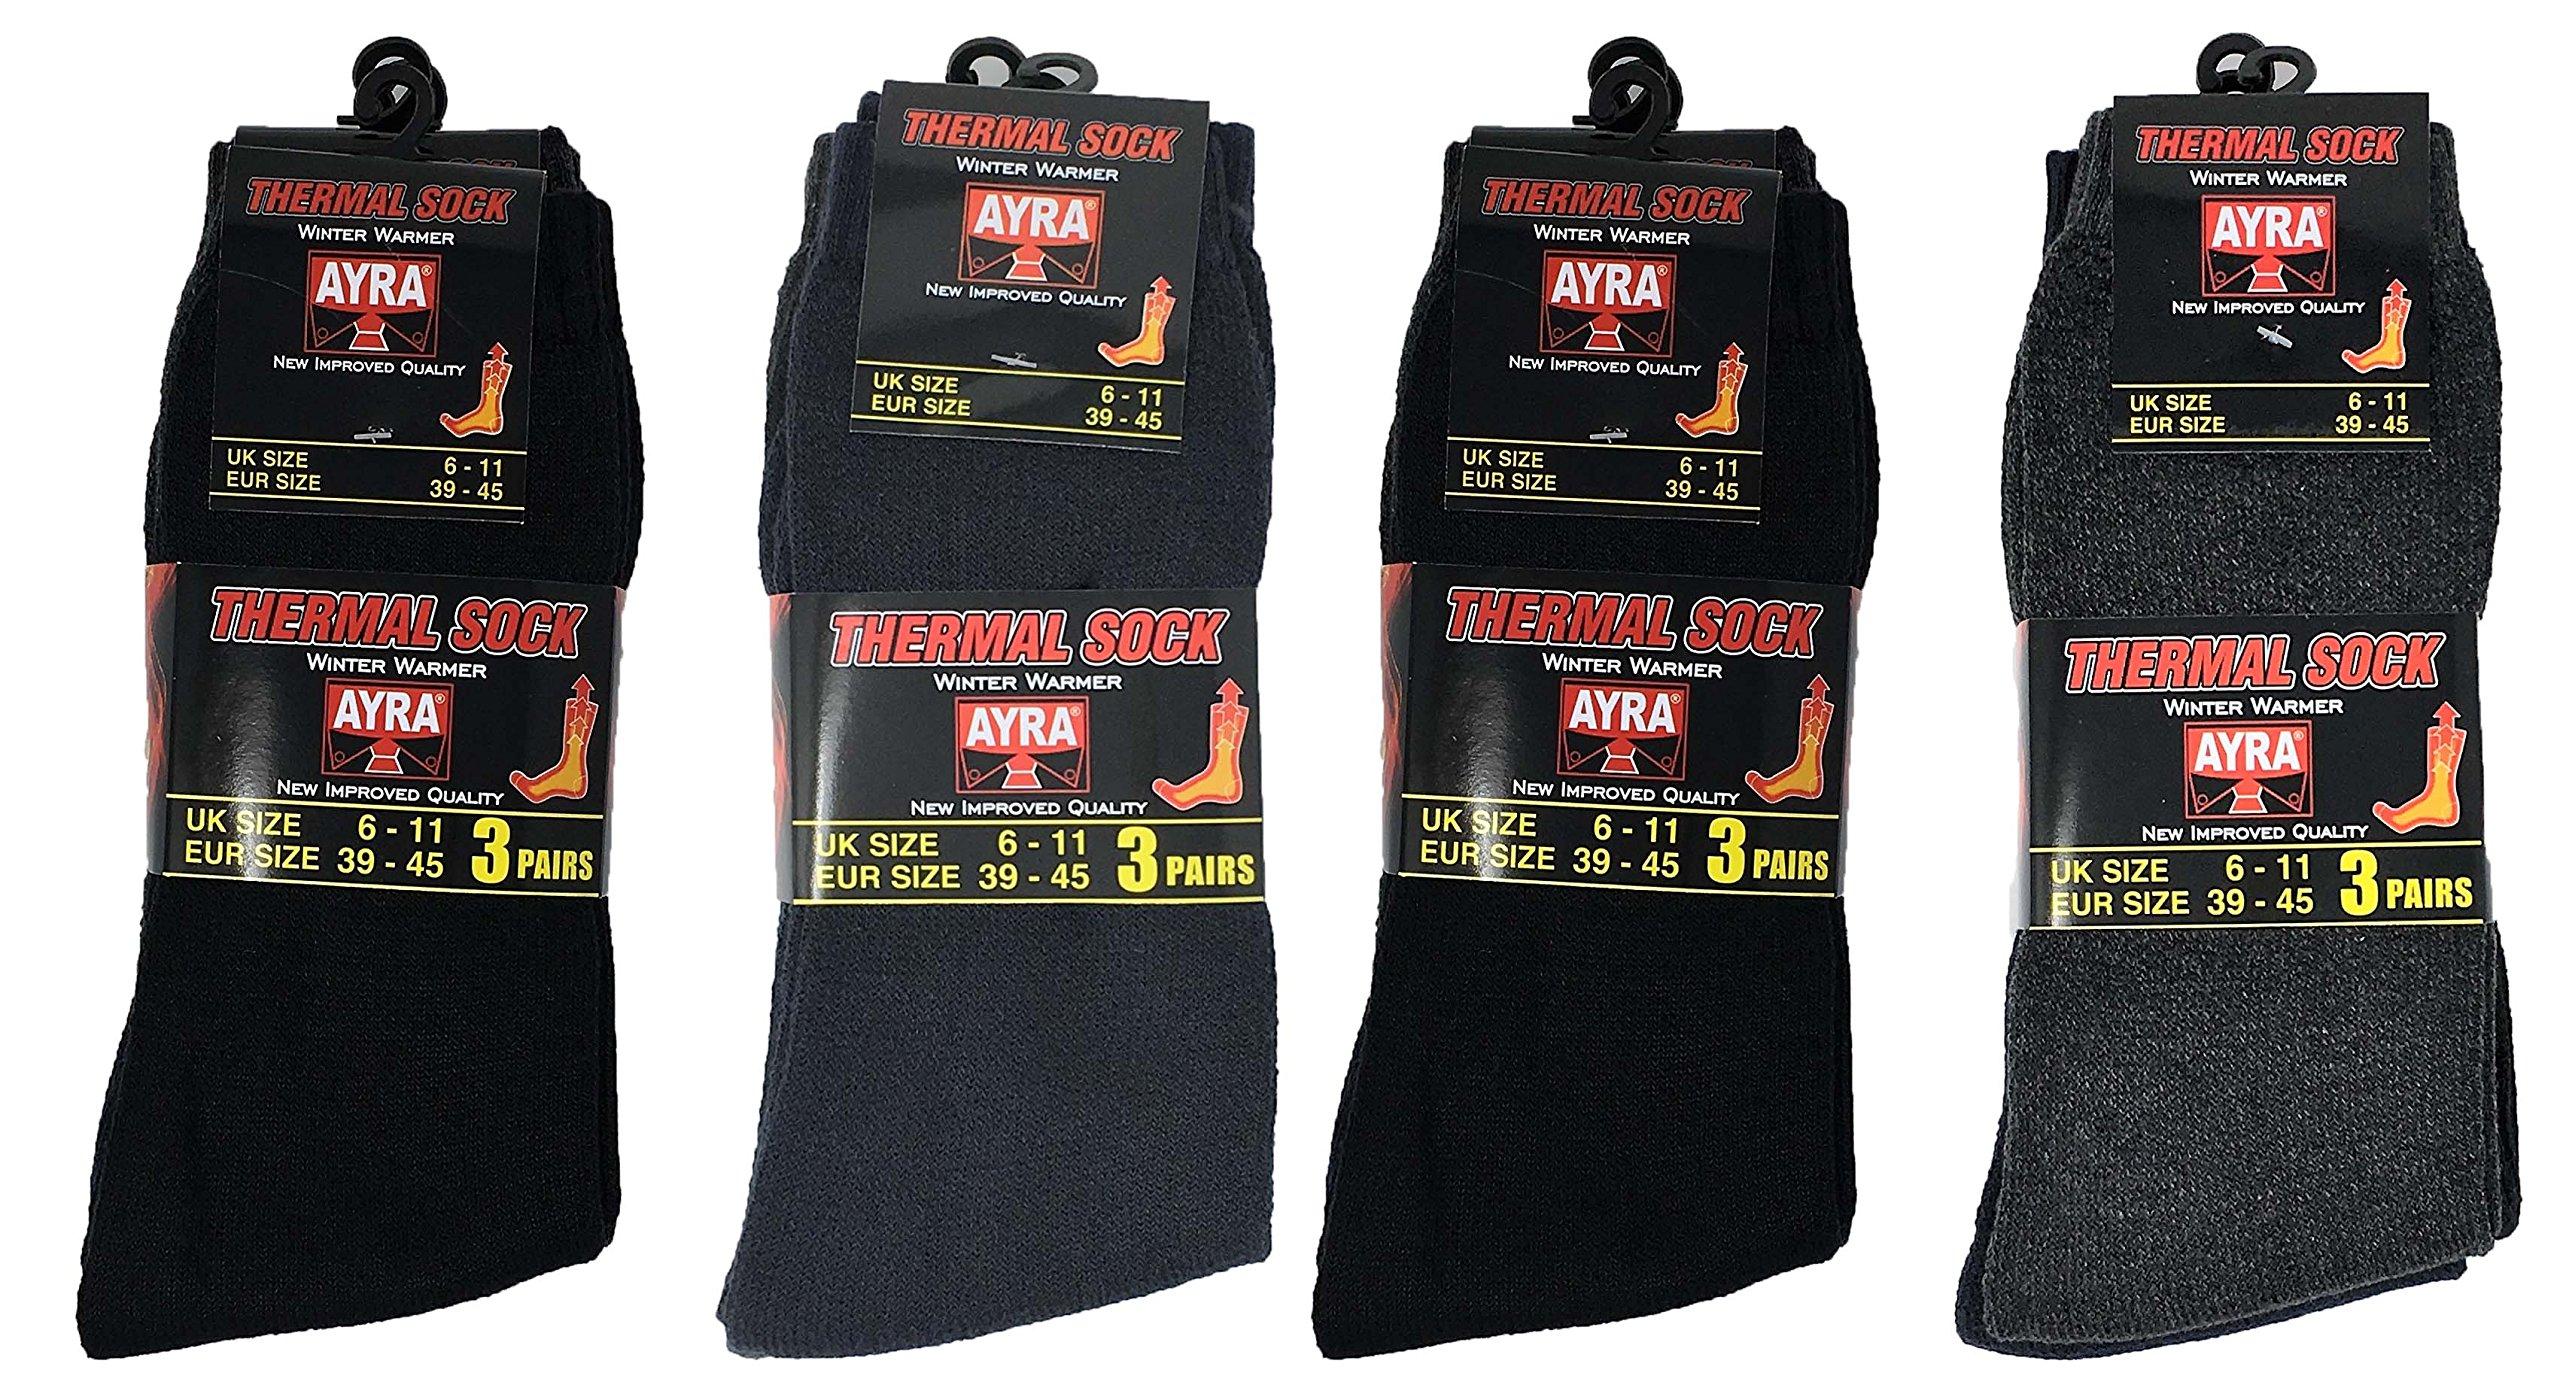 UK 6-11 2 Pairs of Mens Thermal Socks